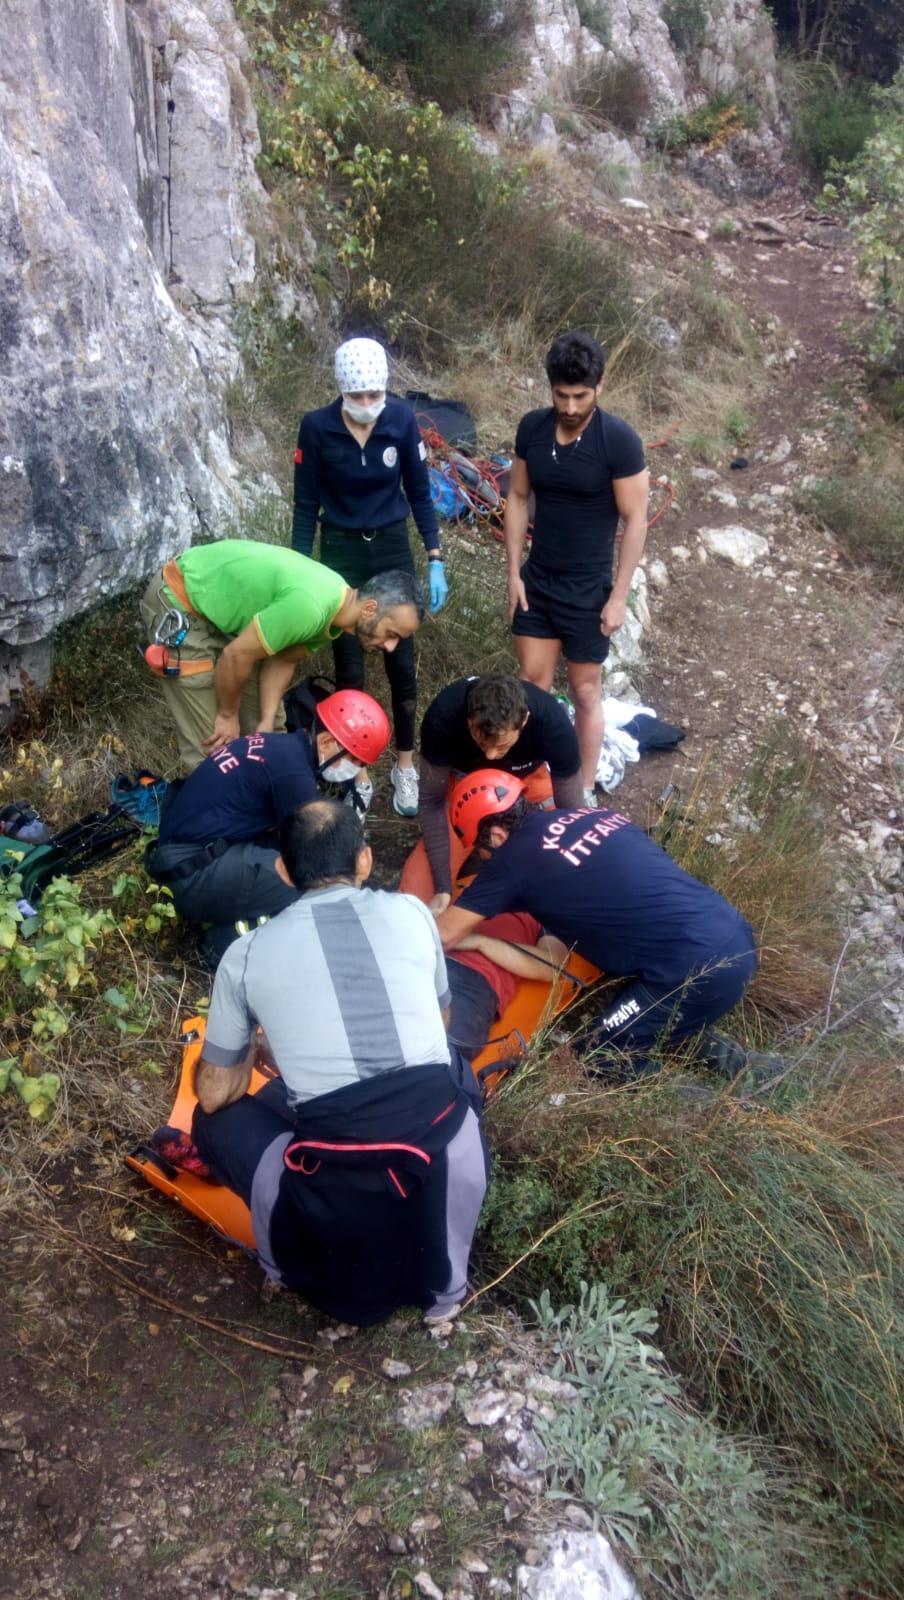 Ballıkayalar'dan düşen dağcı kurtarıldı